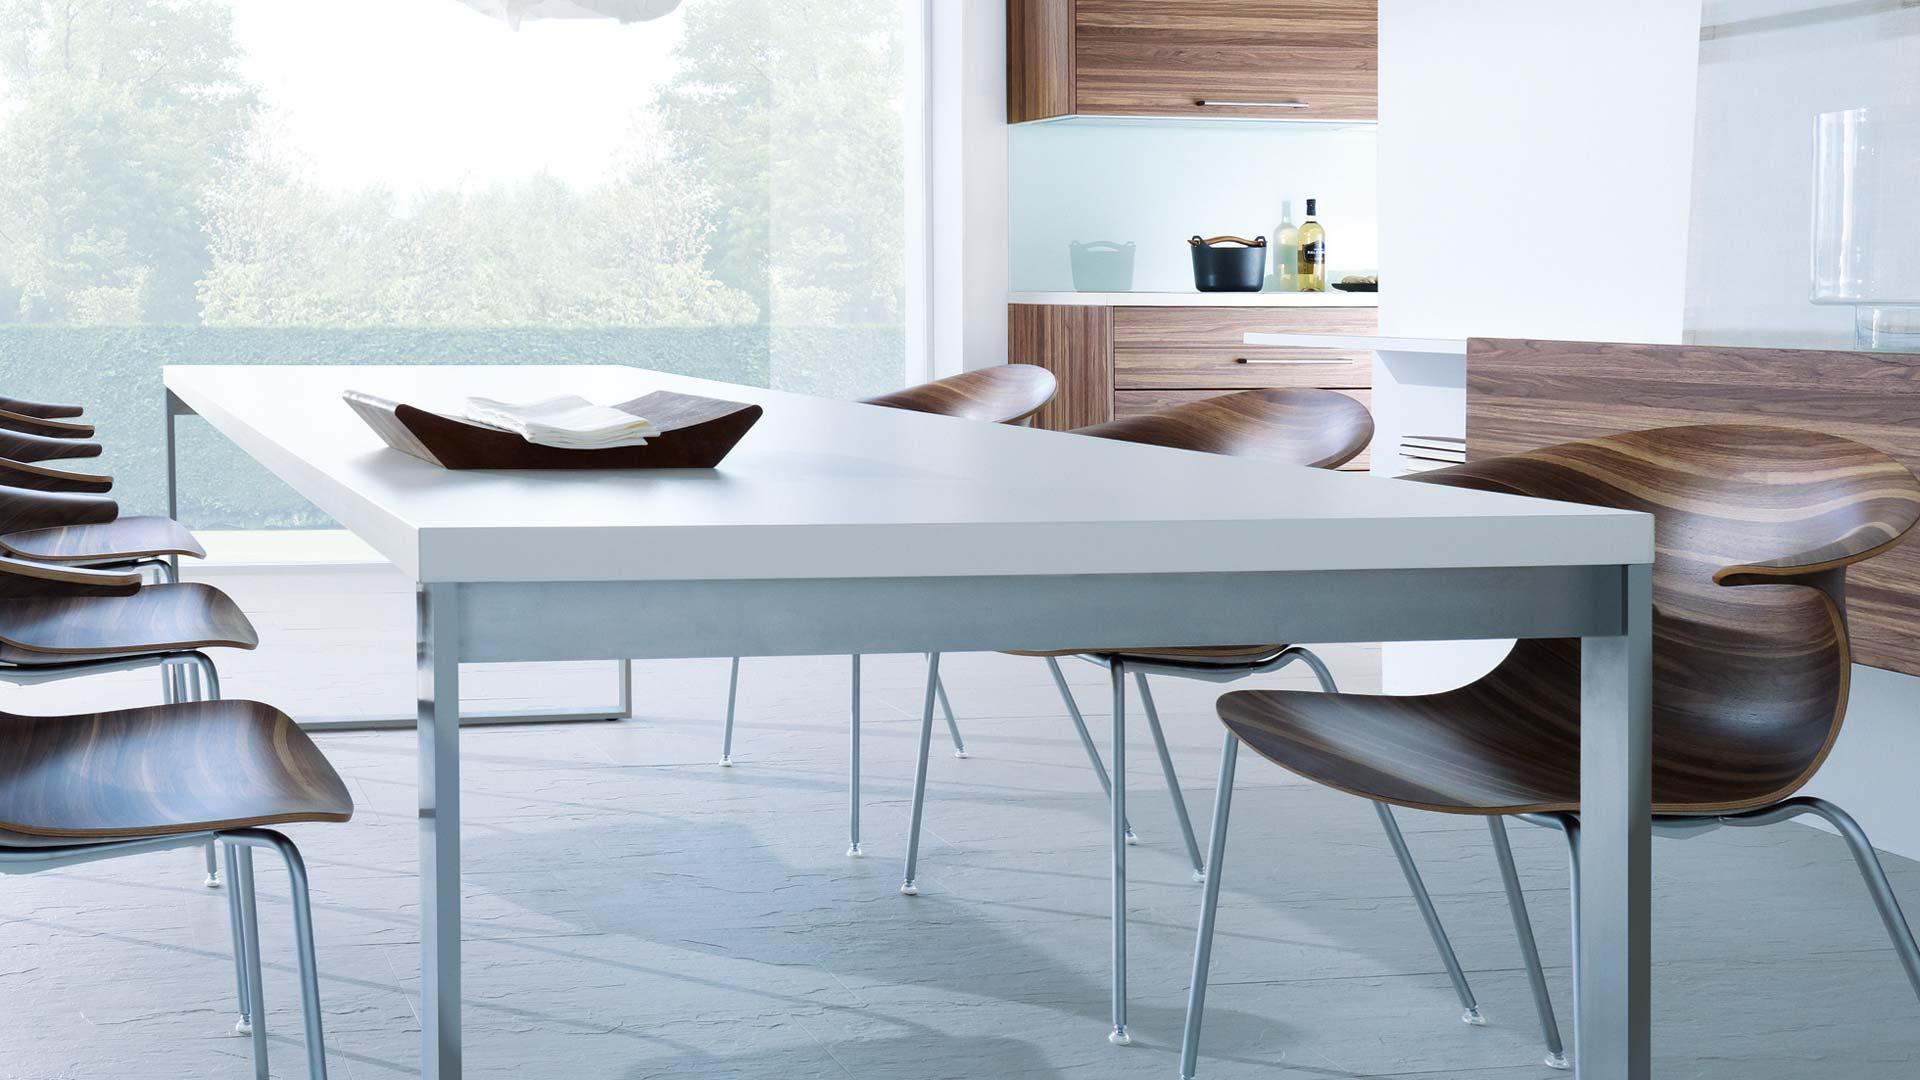 Table Chair In Lauf Nahe Nurnberg Neubigs Kuchenstudio